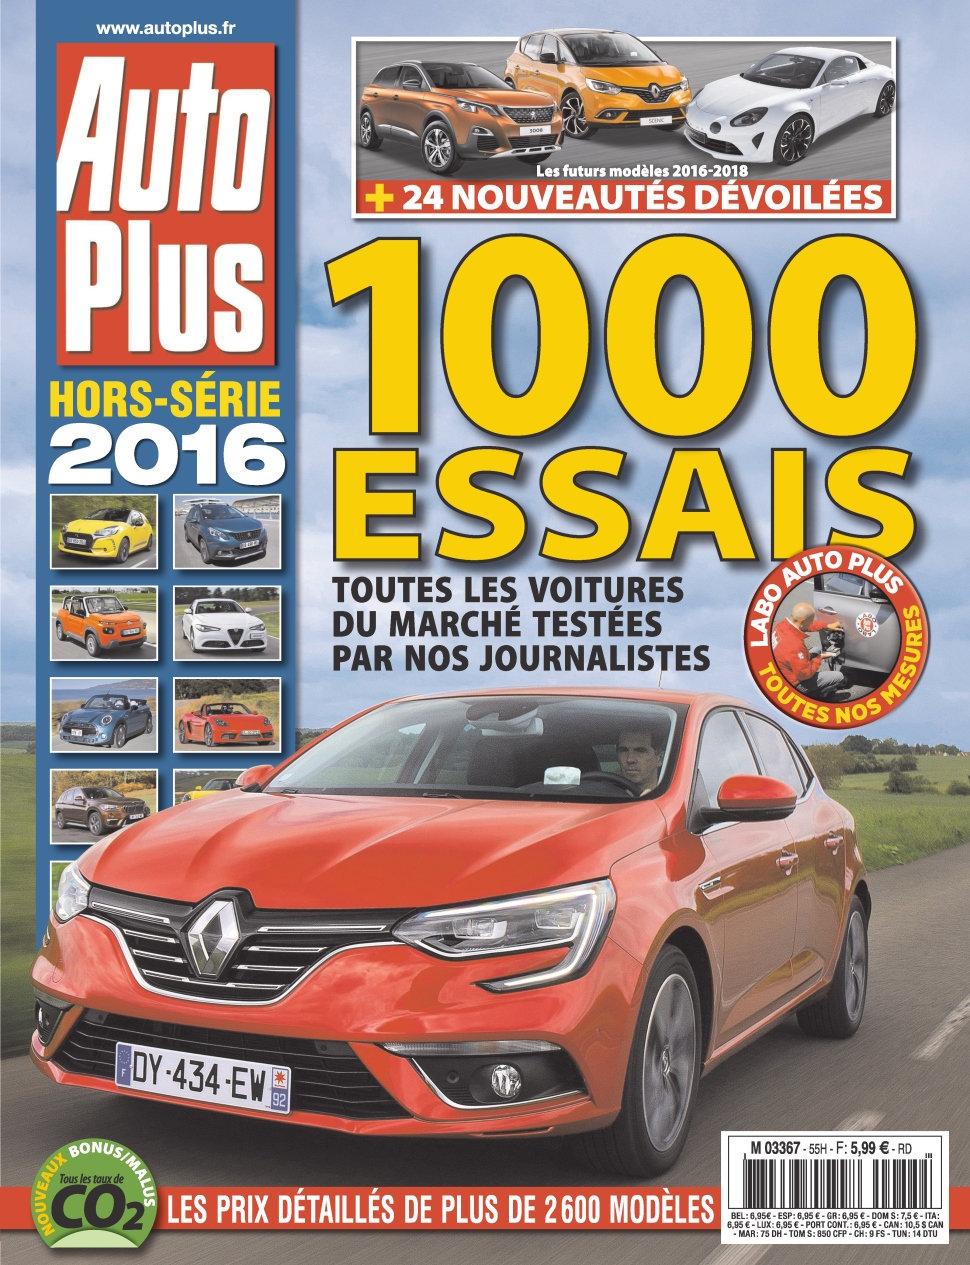 Auto Plus Hors-Série N°44 - 1000 Essais 2016